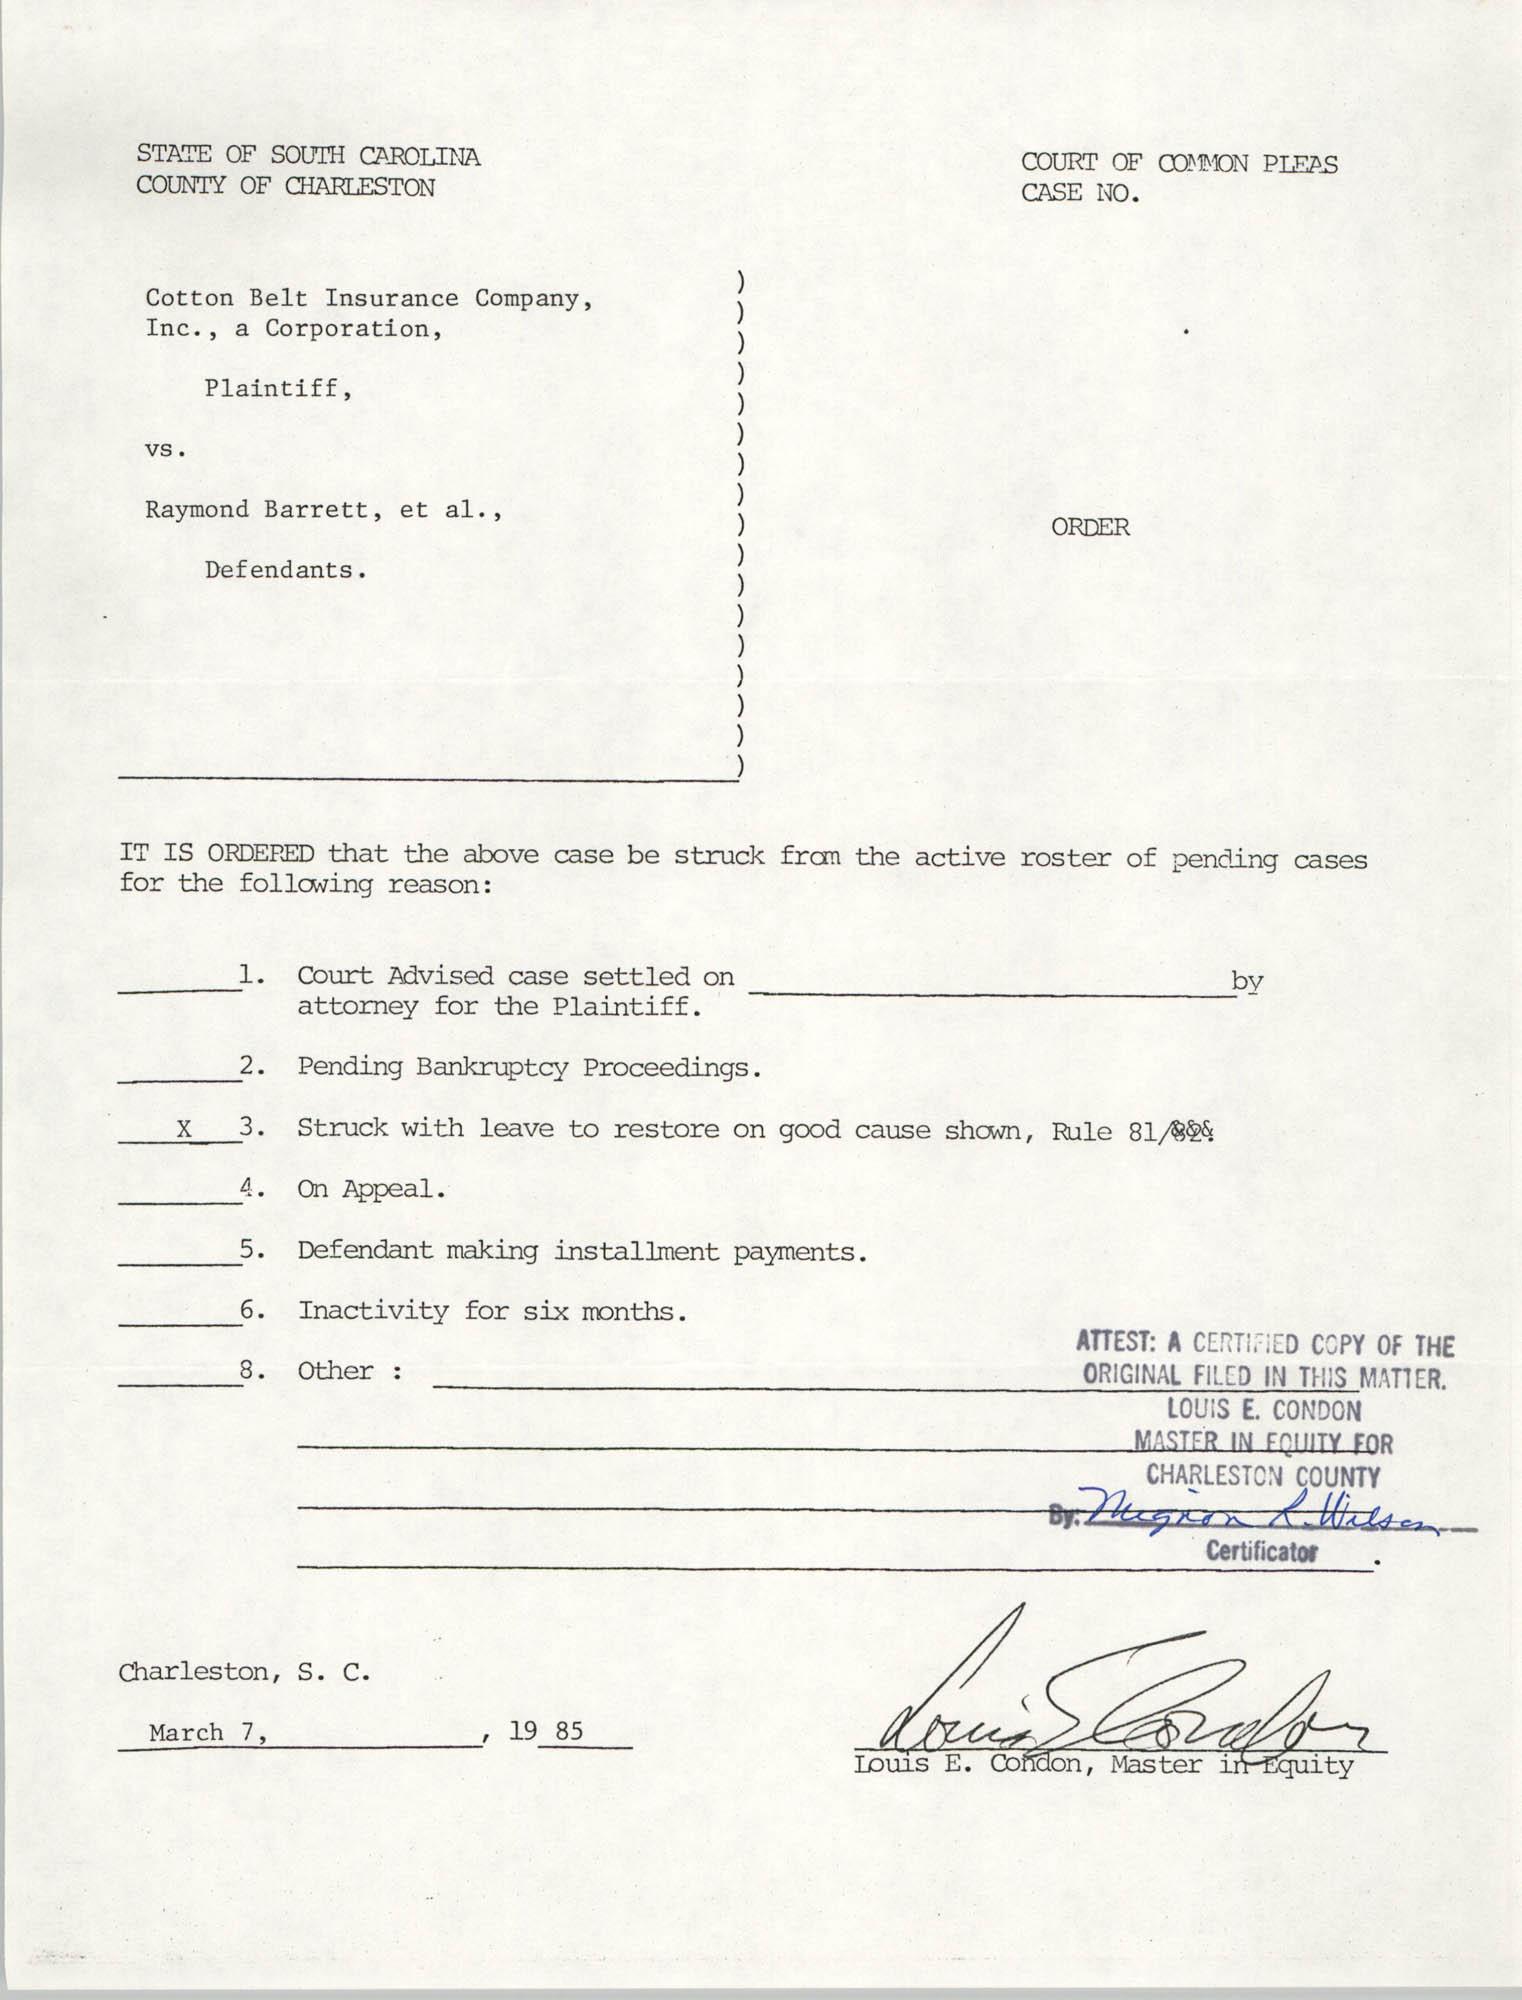 Order, State of South Carolina, County of Charleston, Cotton Belt Insurance Company vs. Reginald C. Barrett Sr., et al., Louis E. Condon, March 7, 1985